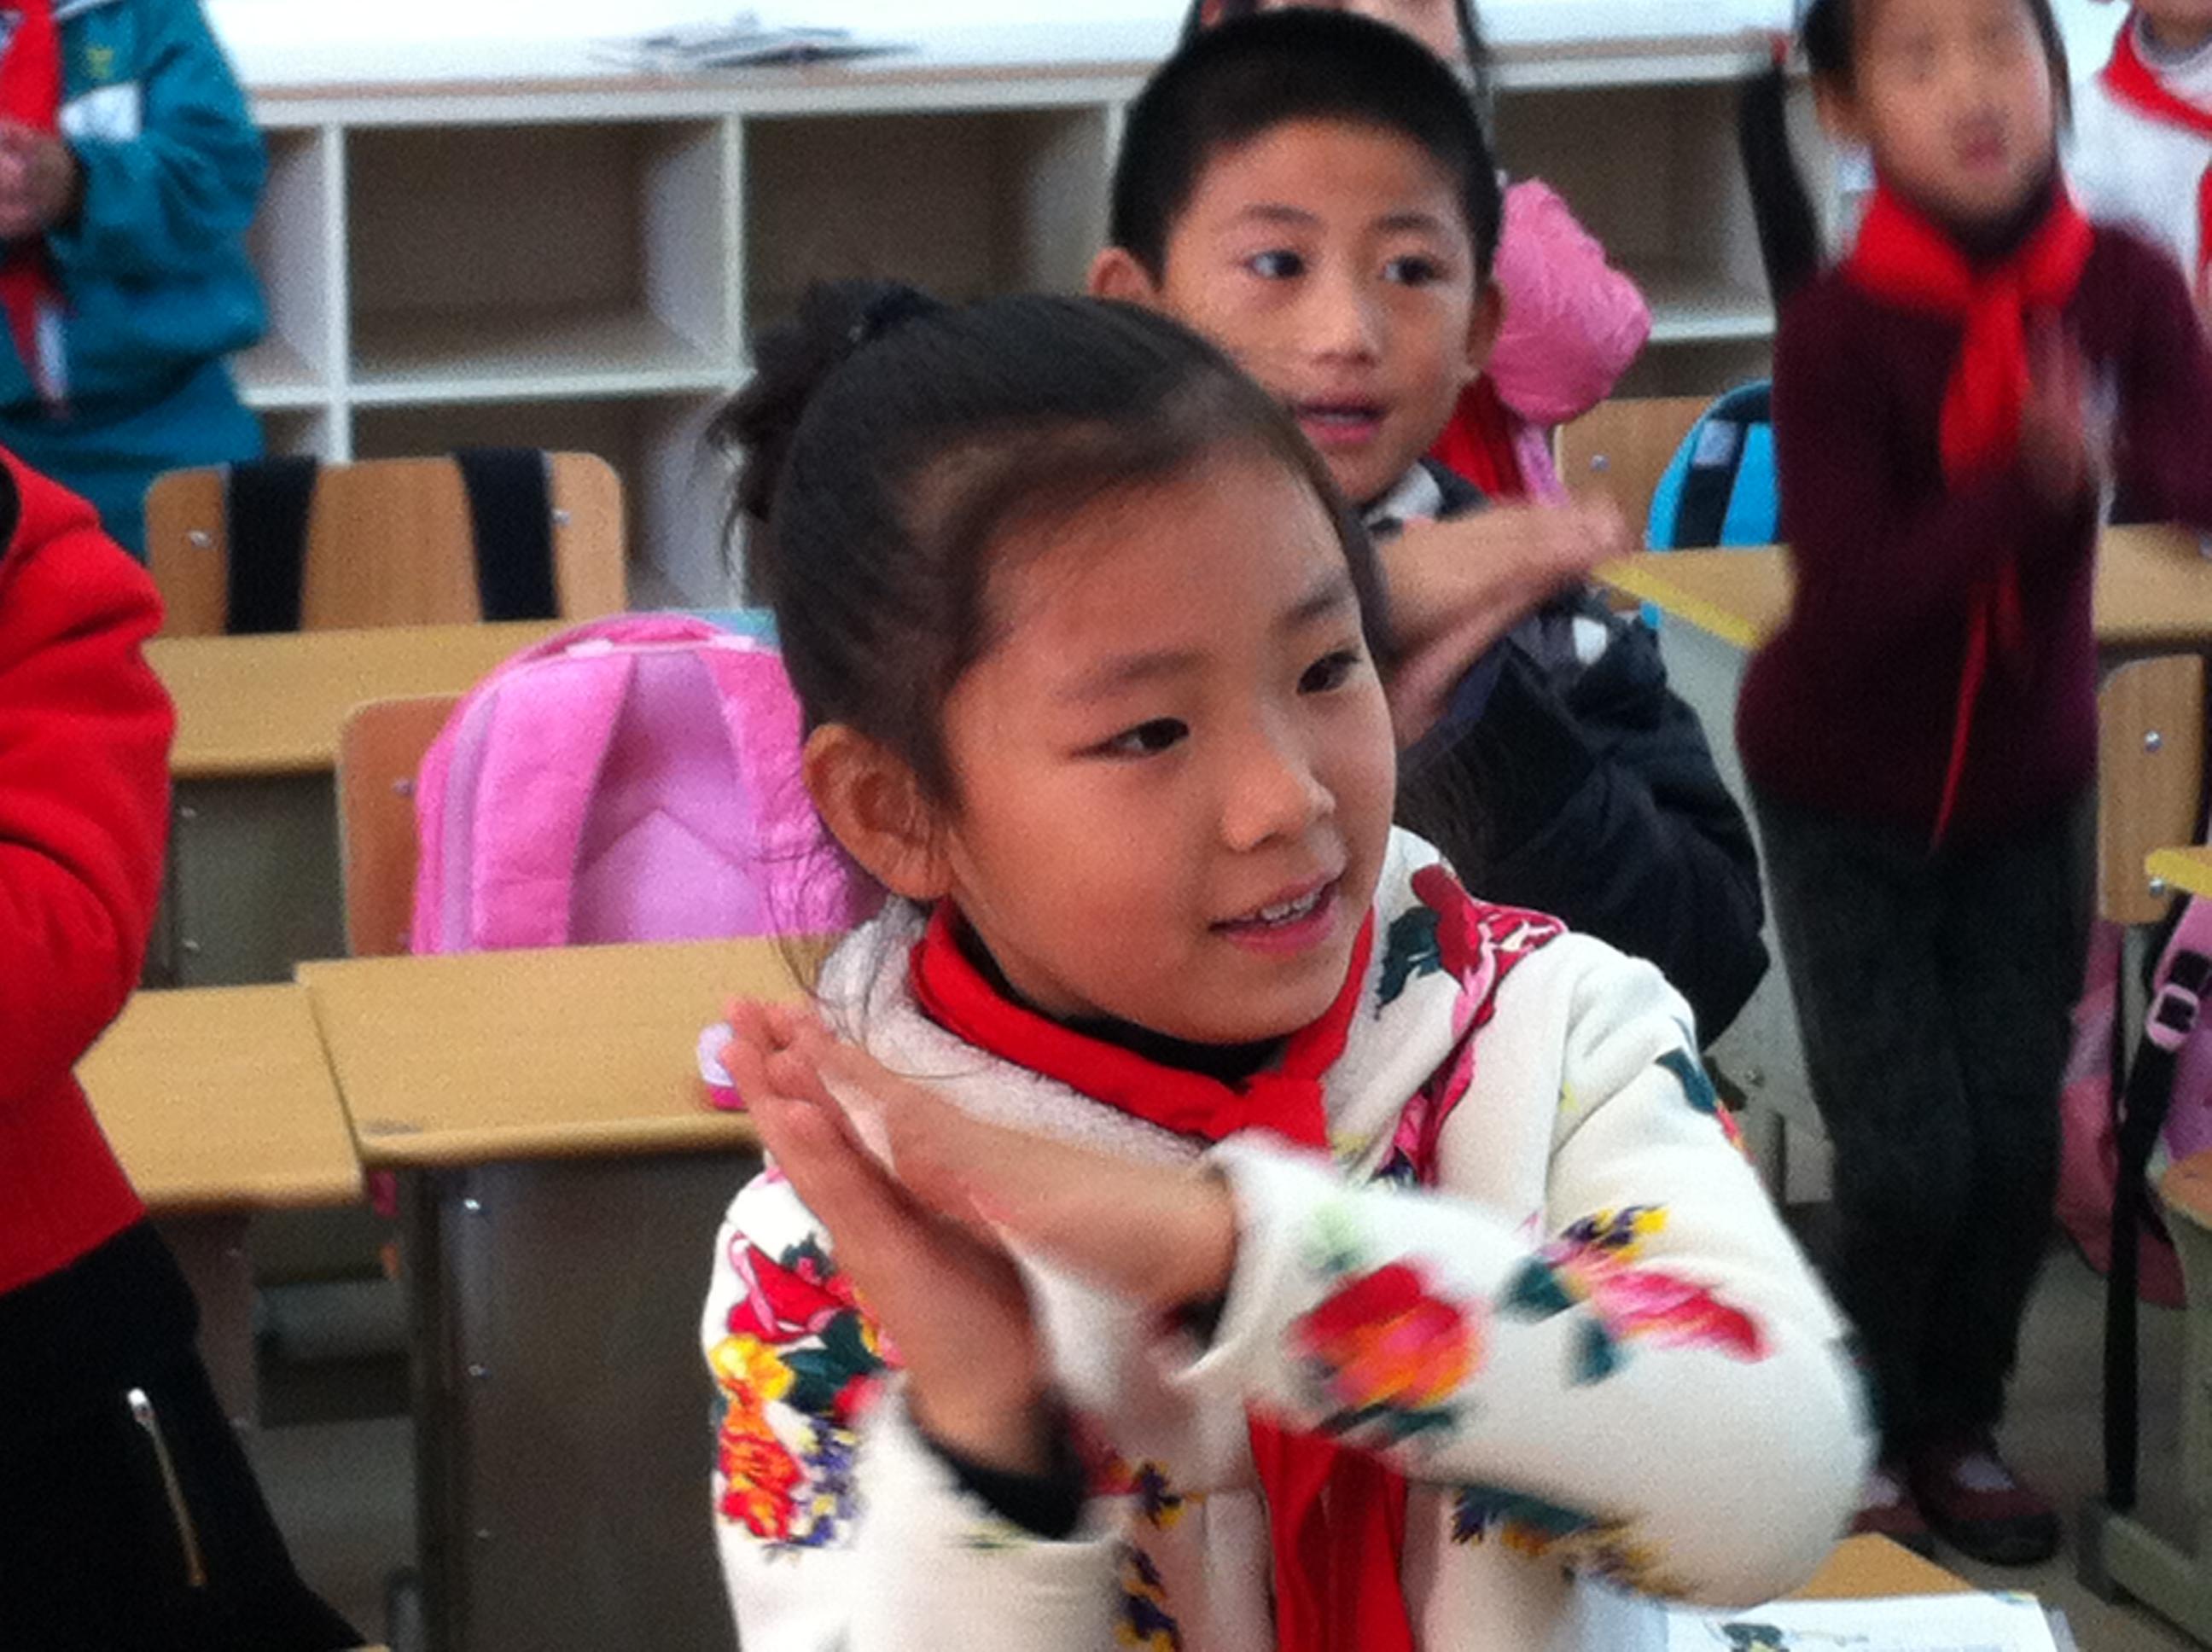 Chiny, małe stopy w Chinach, fetysze Chińczyków, kobiety w Chinach